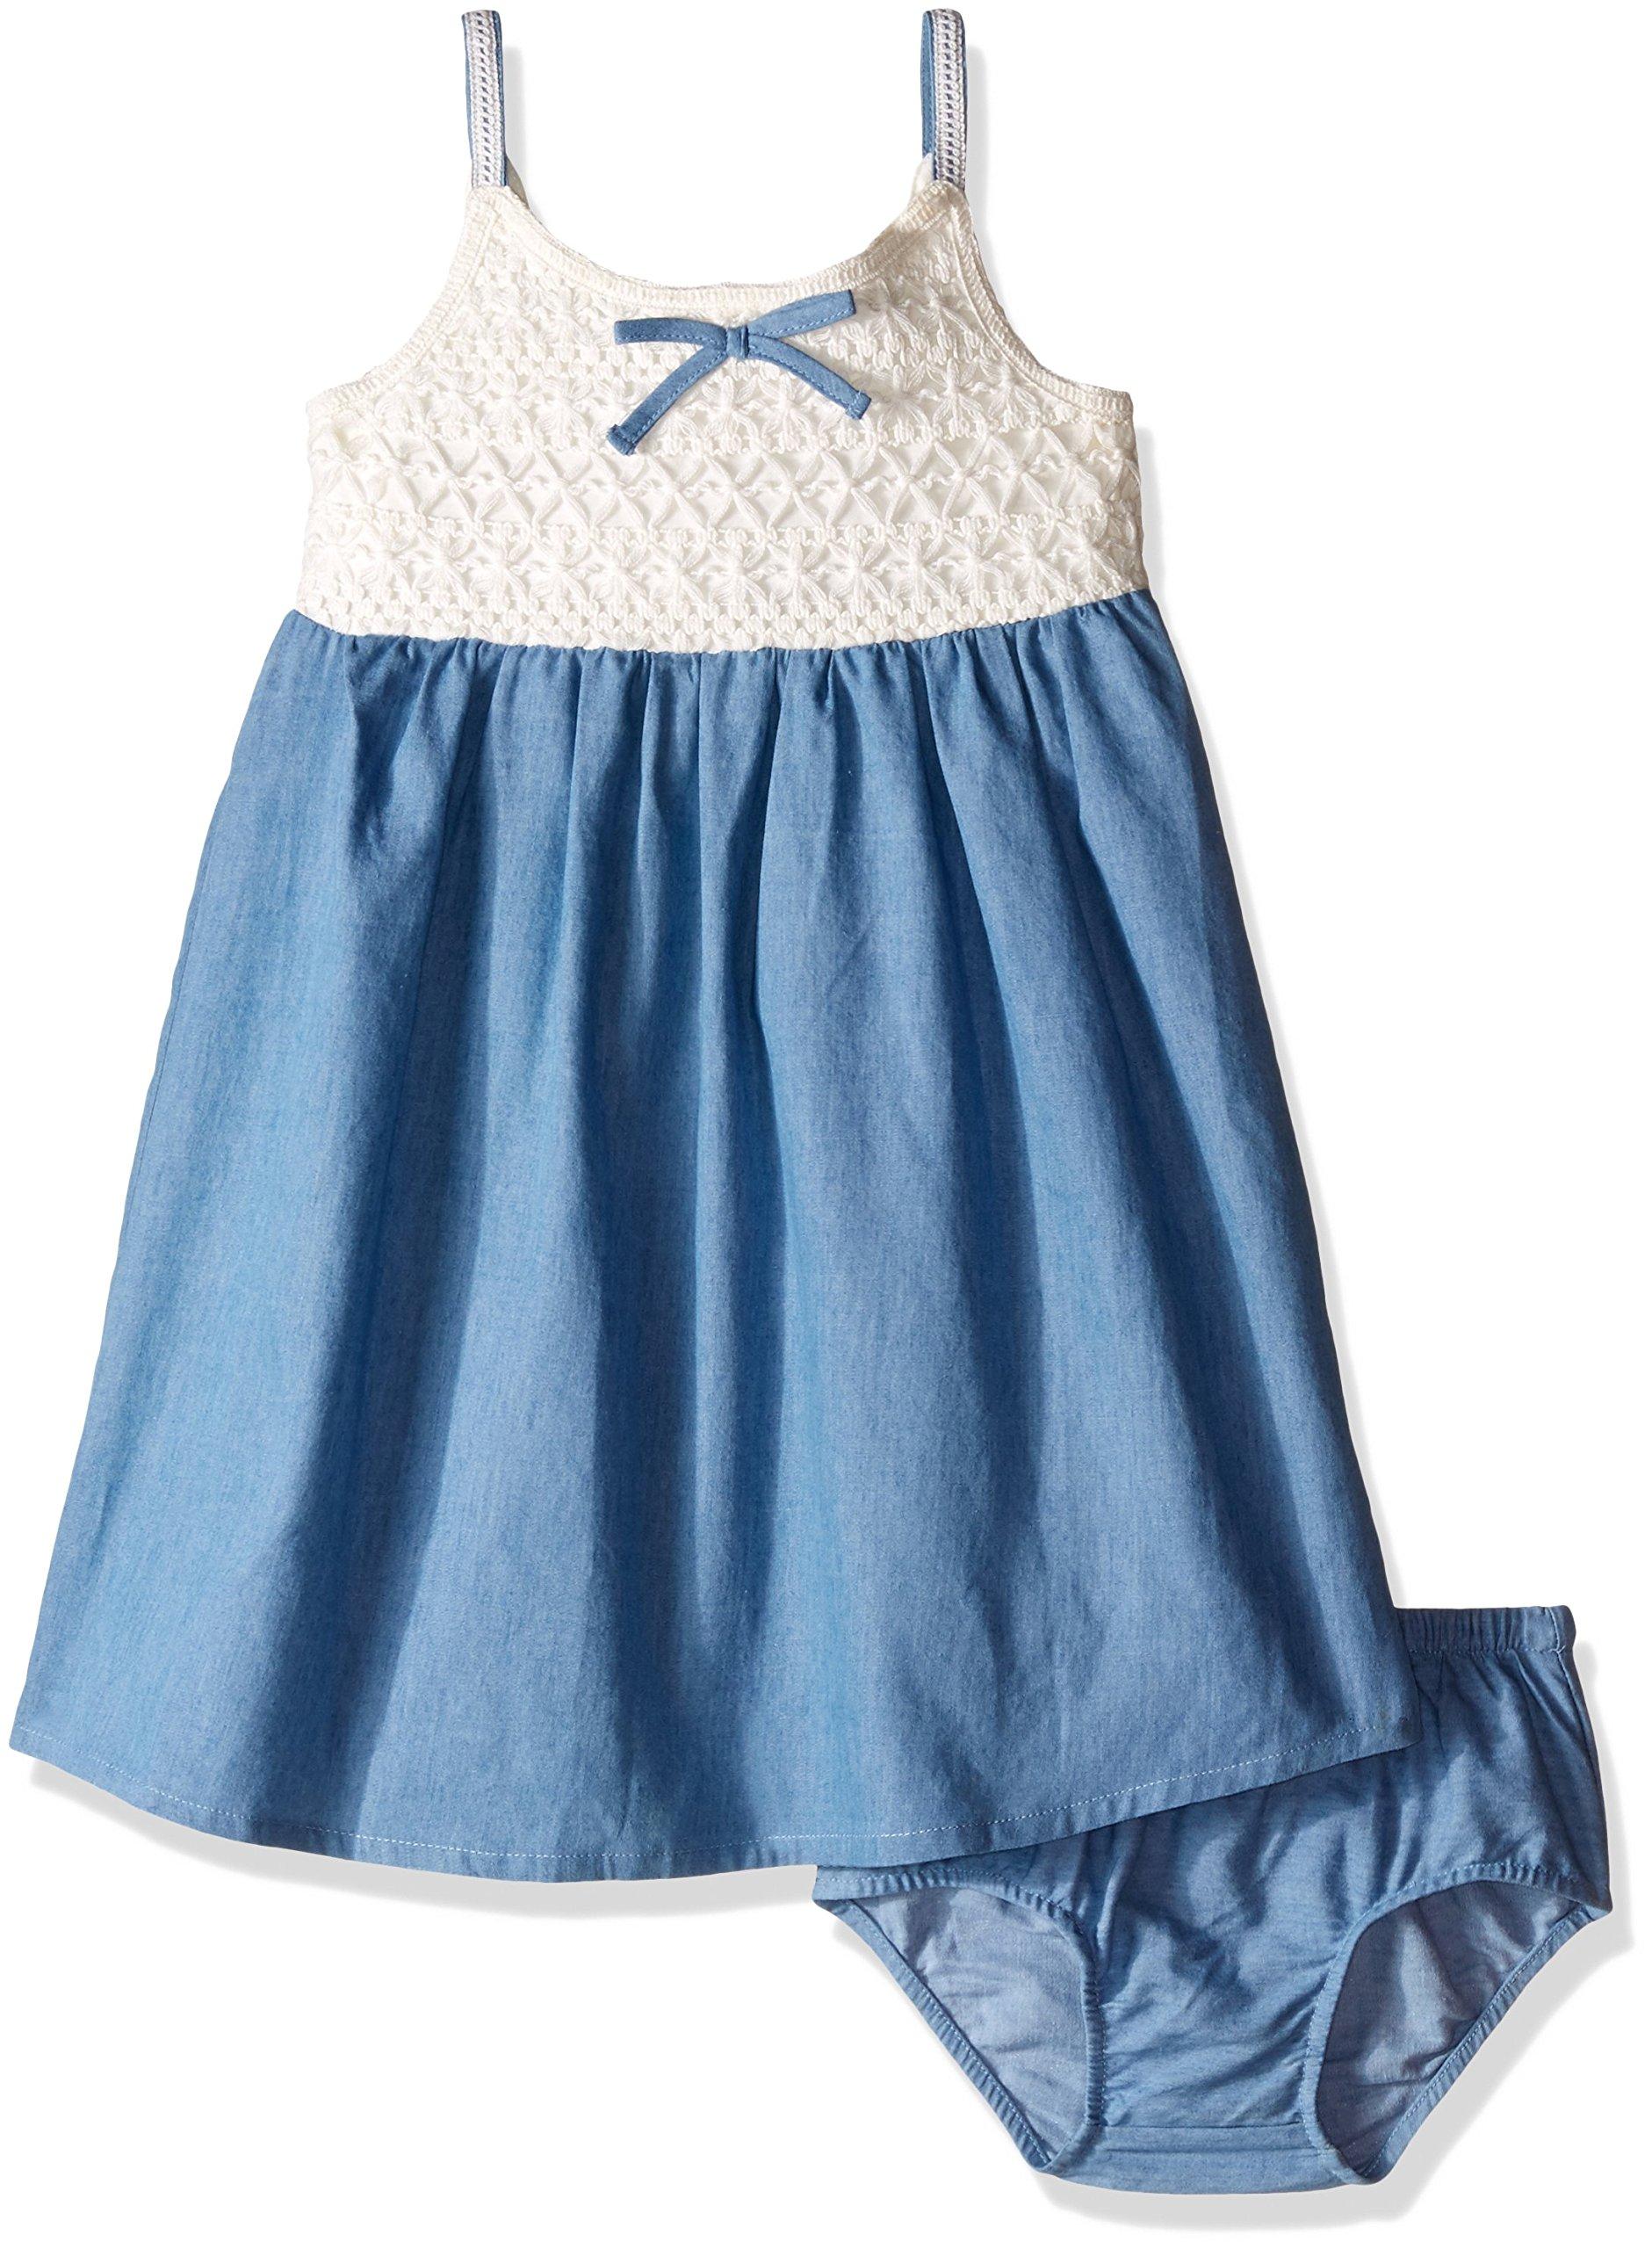 Lucky Brand Little Girls' Toddler Crochet Bodice Dress, Bleach Wash, 3T